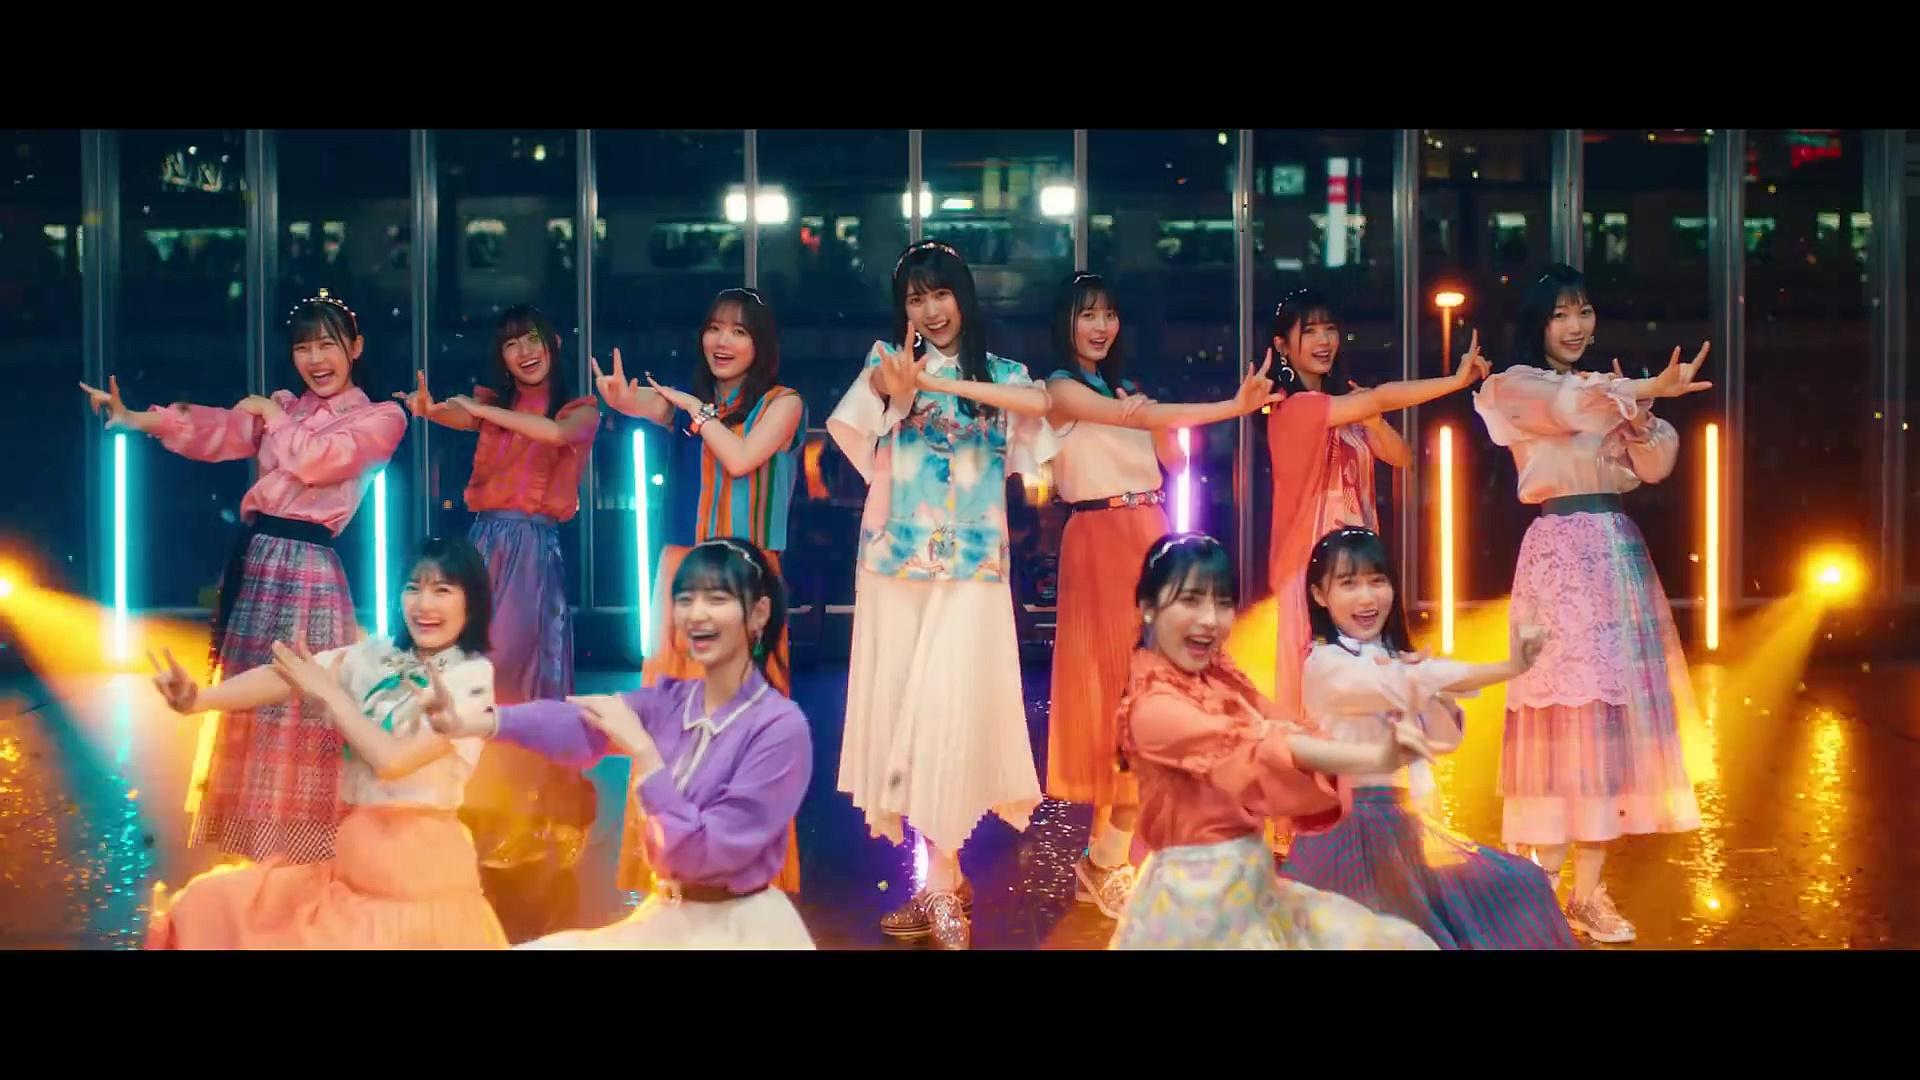 乃木坂46 『I see...』MV